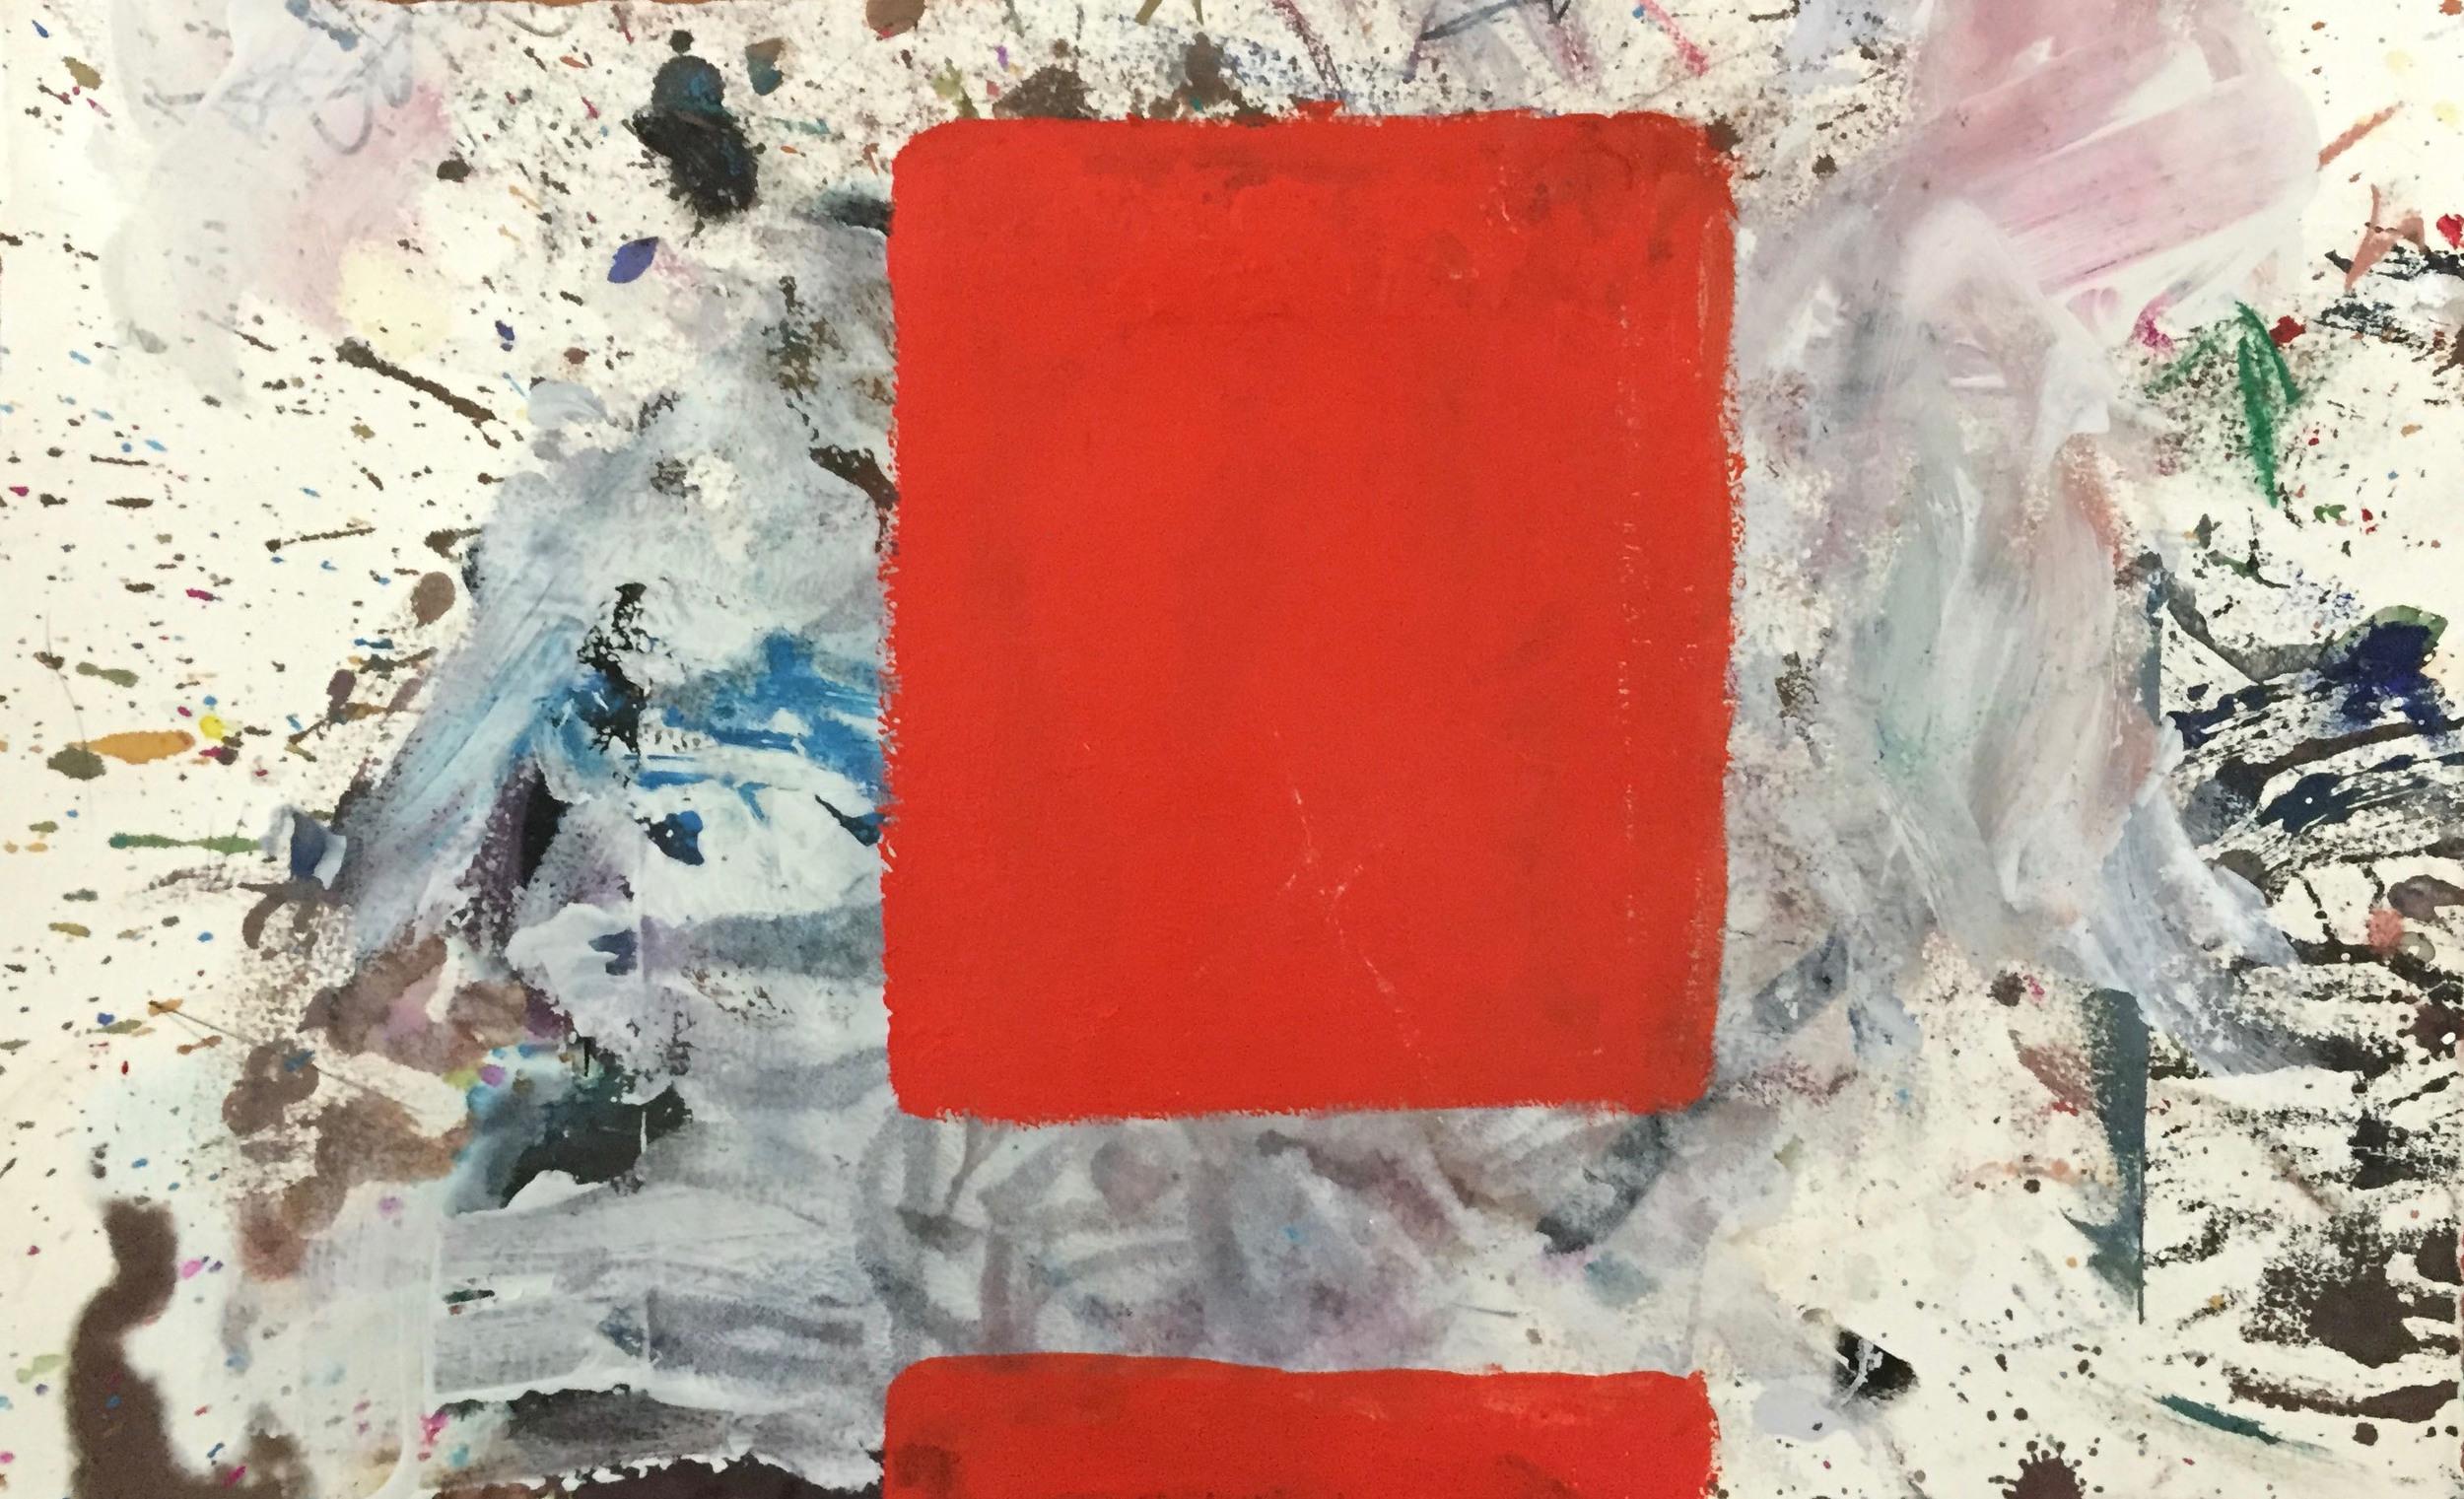 cad red blocks